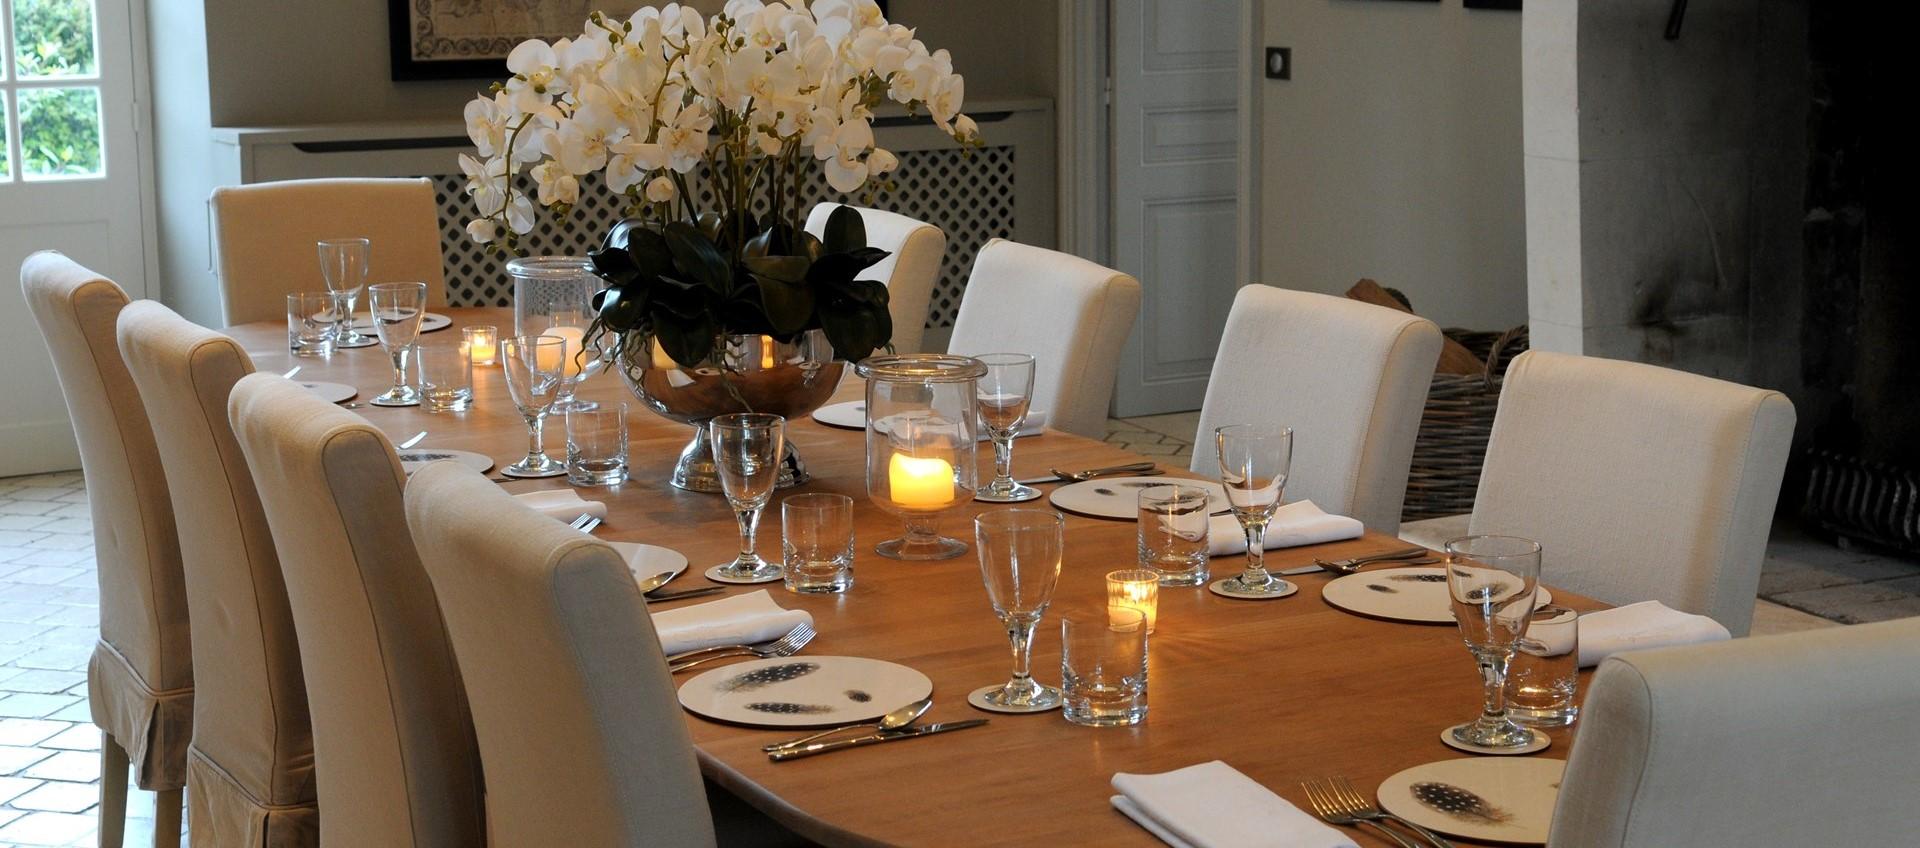 villa-domaine-de-bagatelle-dining-room